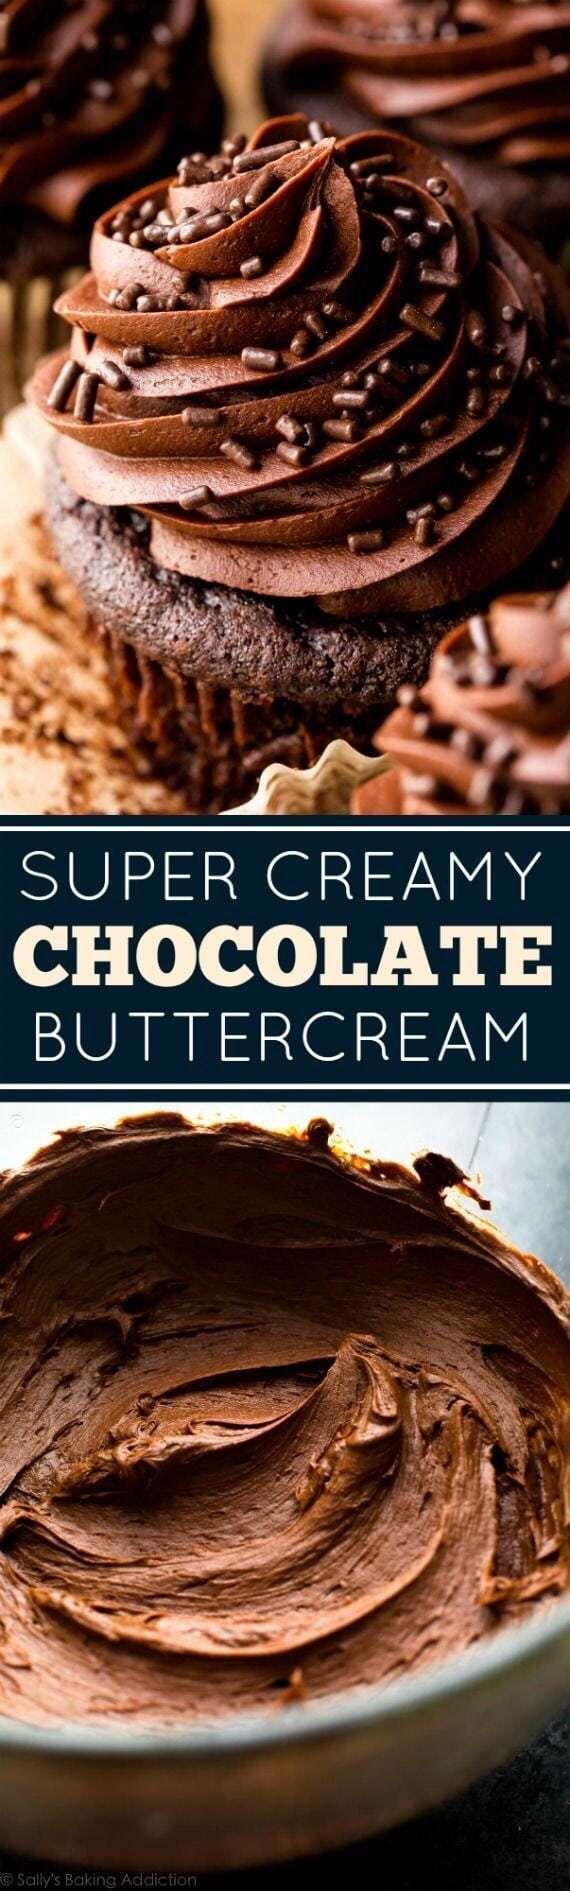 25 fantastische Zuckerguss-Rezepte für Kuchen, Cupcakes und mehr: Einfach zu machen – Karluci   – Desserts